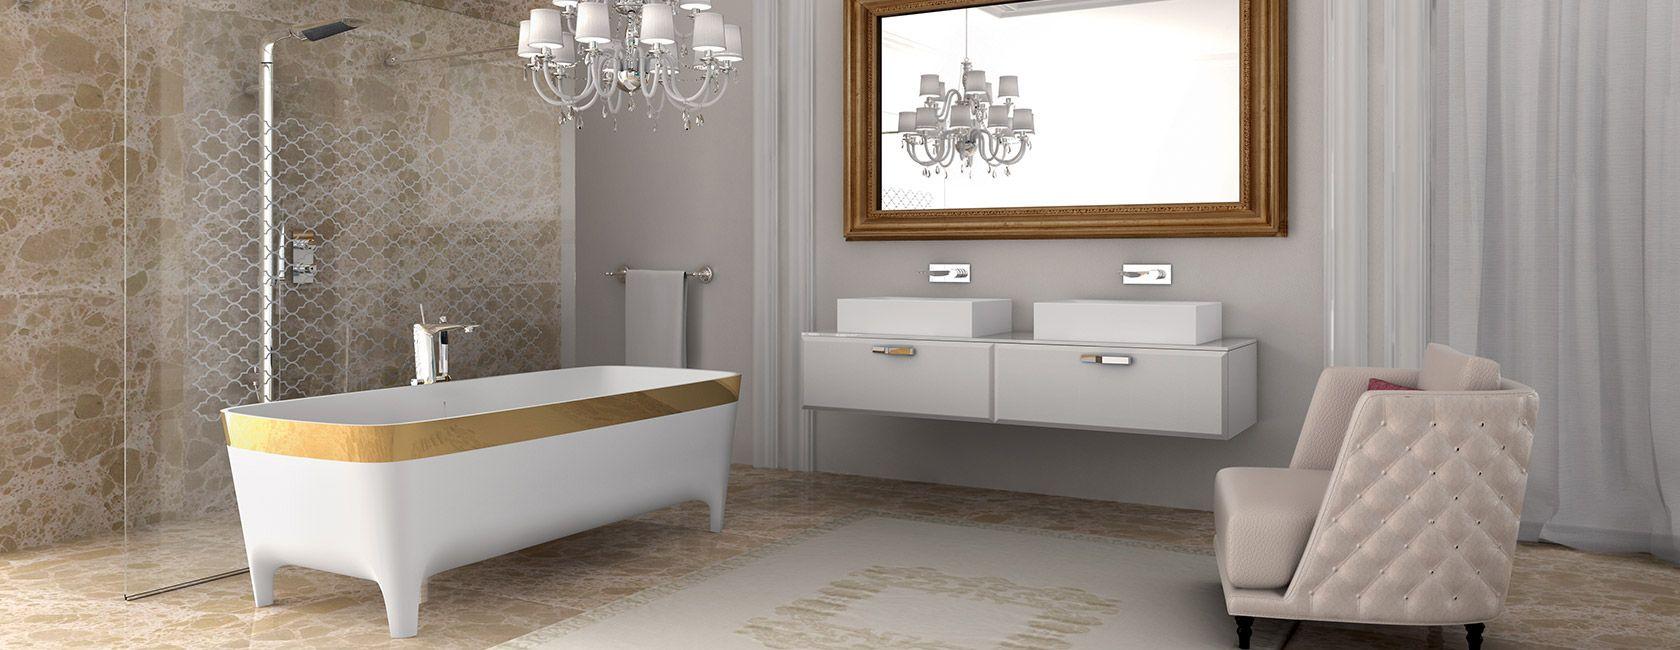 Vasche idromassaggio cabina doccia box doccia design vasca sauna bagno turco teuco guzzini box - Doccia bagno turco teuco ...